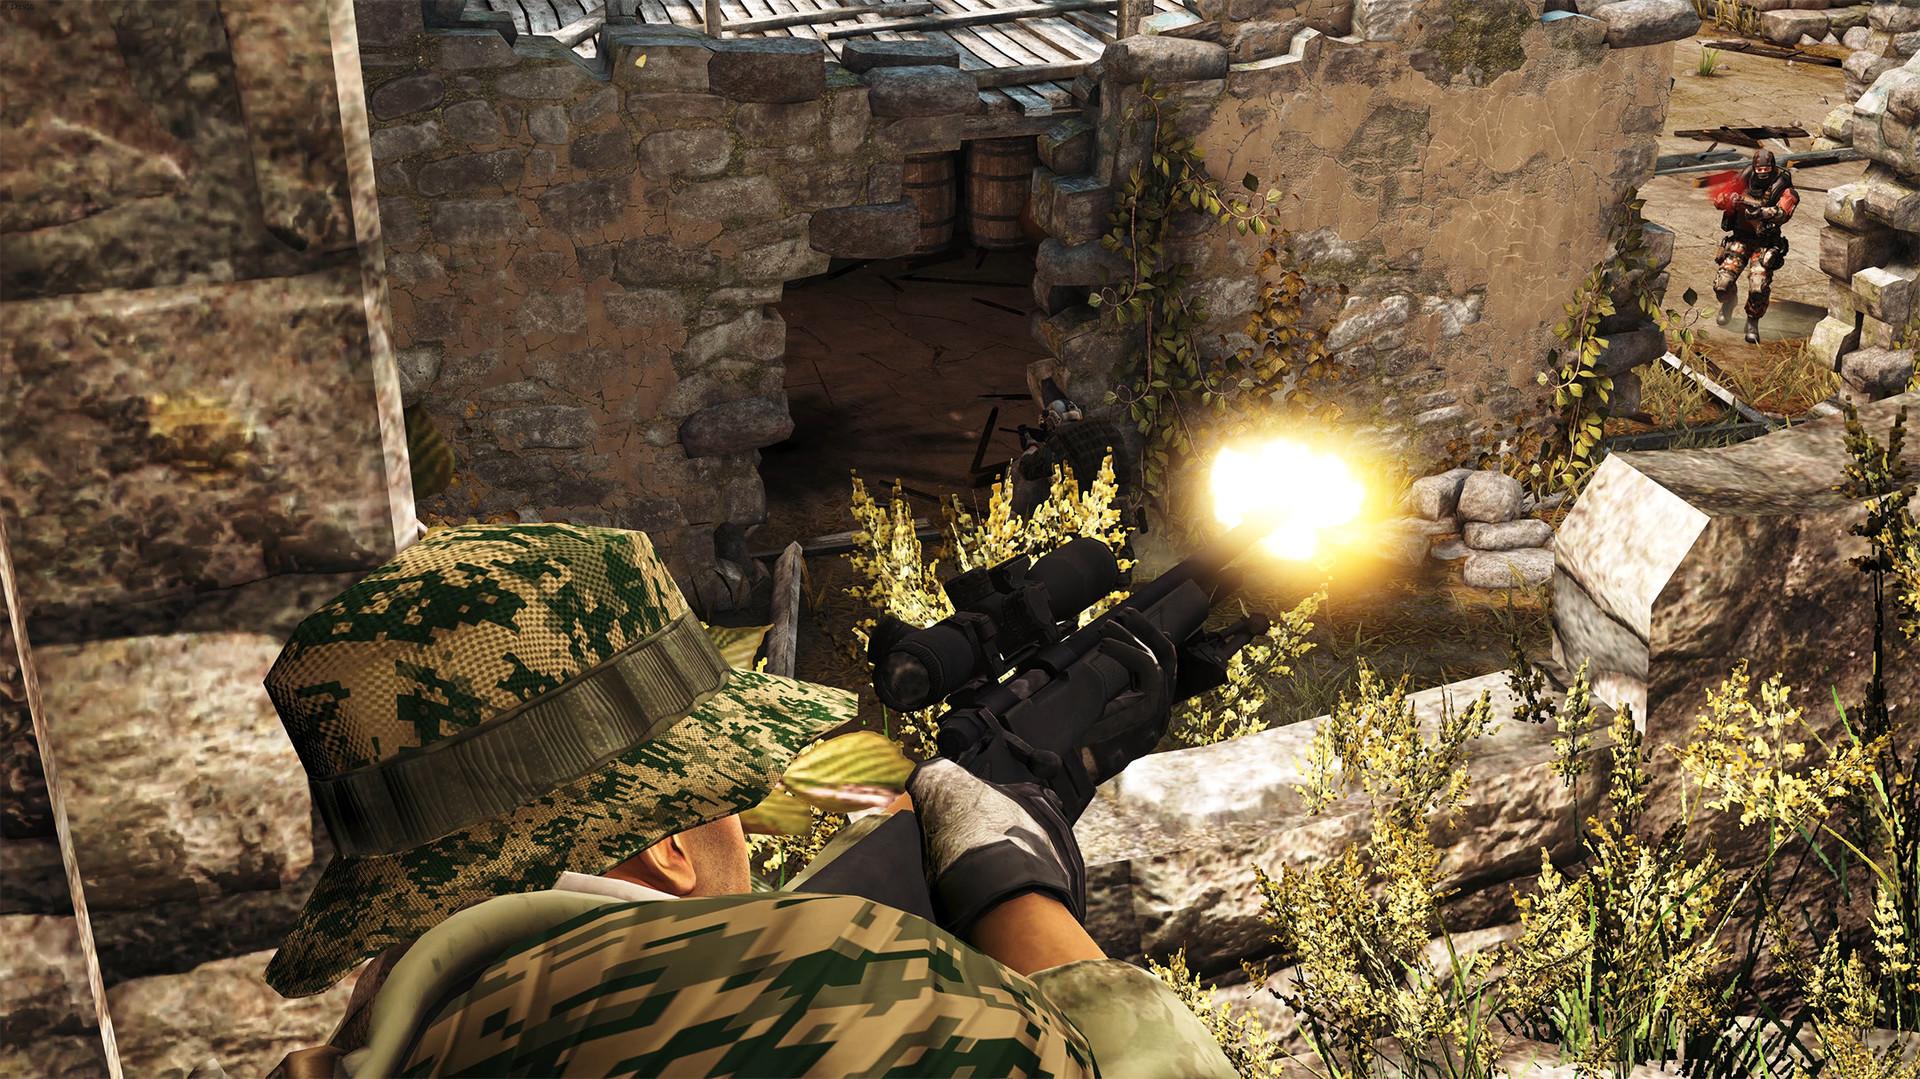 El Ejército de Brasil planea lanzar un shooter para mejorar su imagen entre los jóvenes